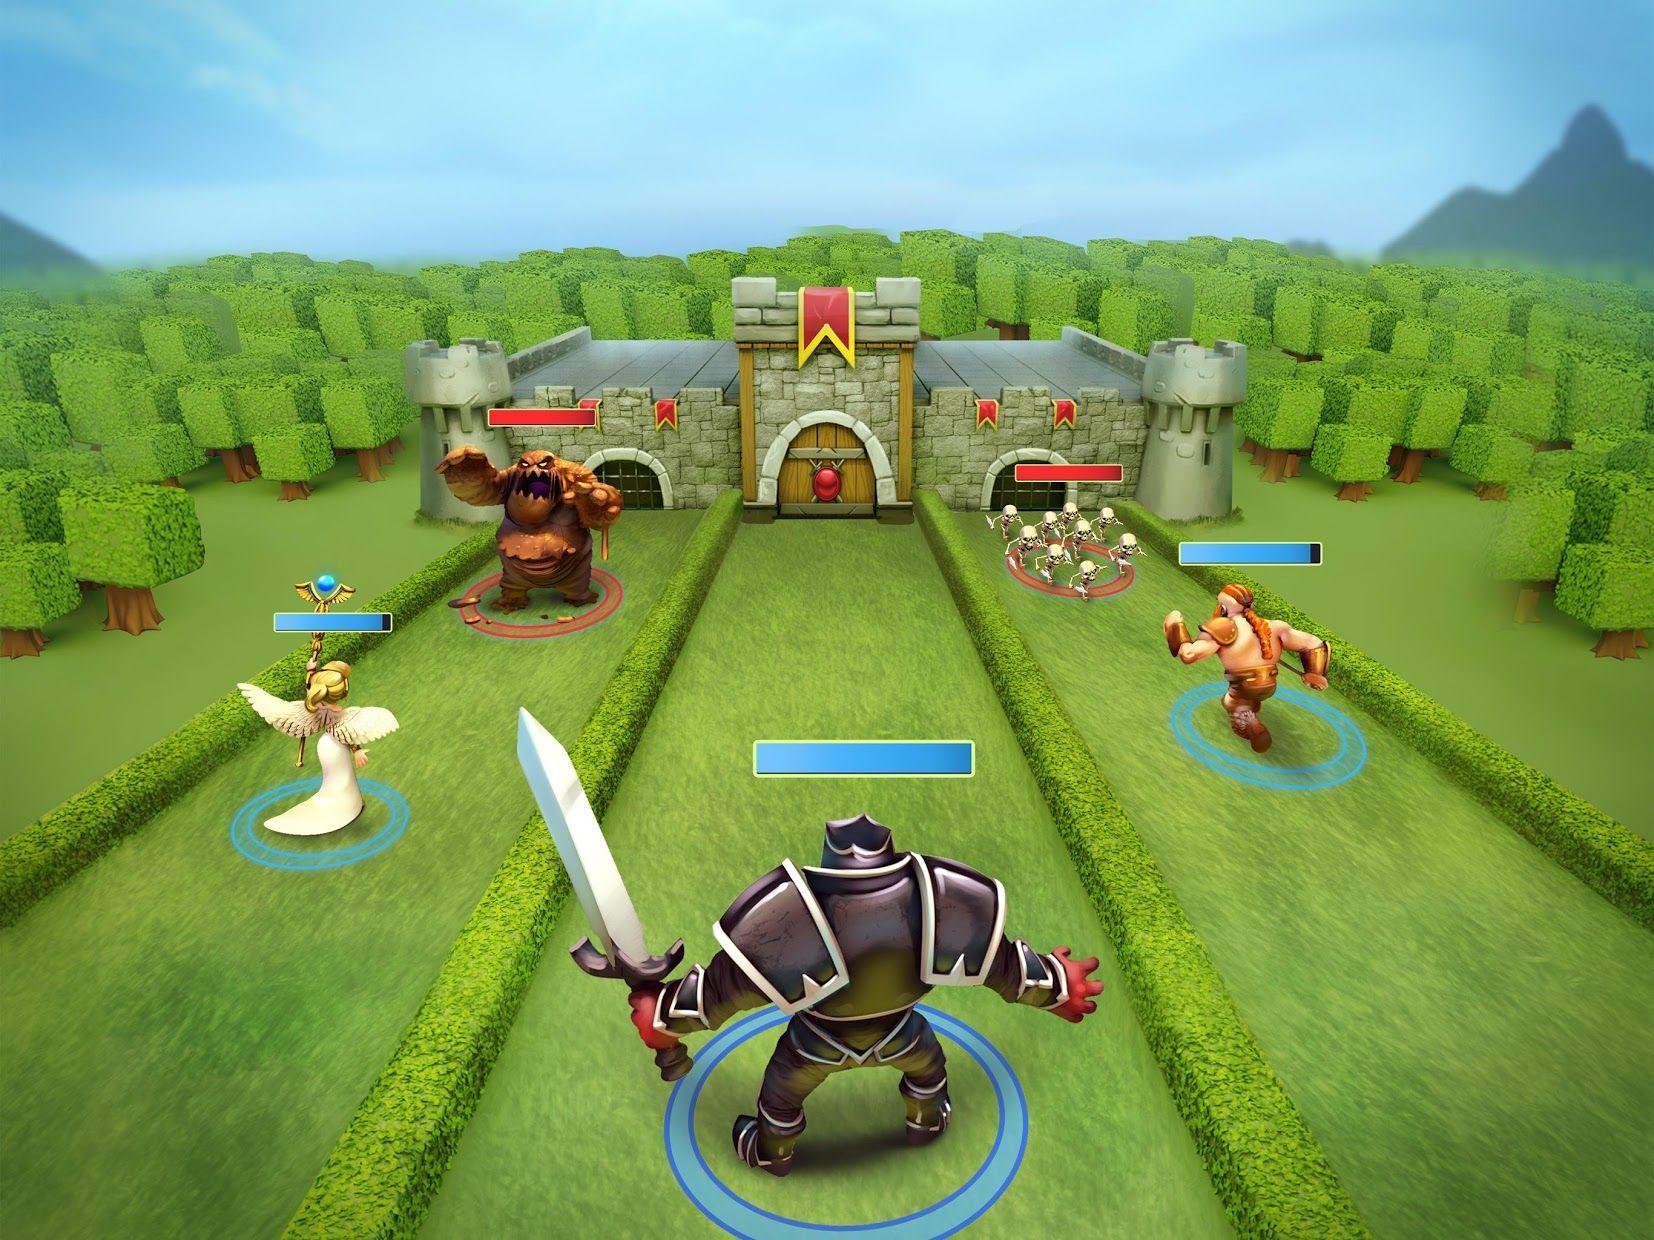 城堡粉碎战 - 最佳卡牌游戏 (Castle Crush) - 免费 游戏截图1